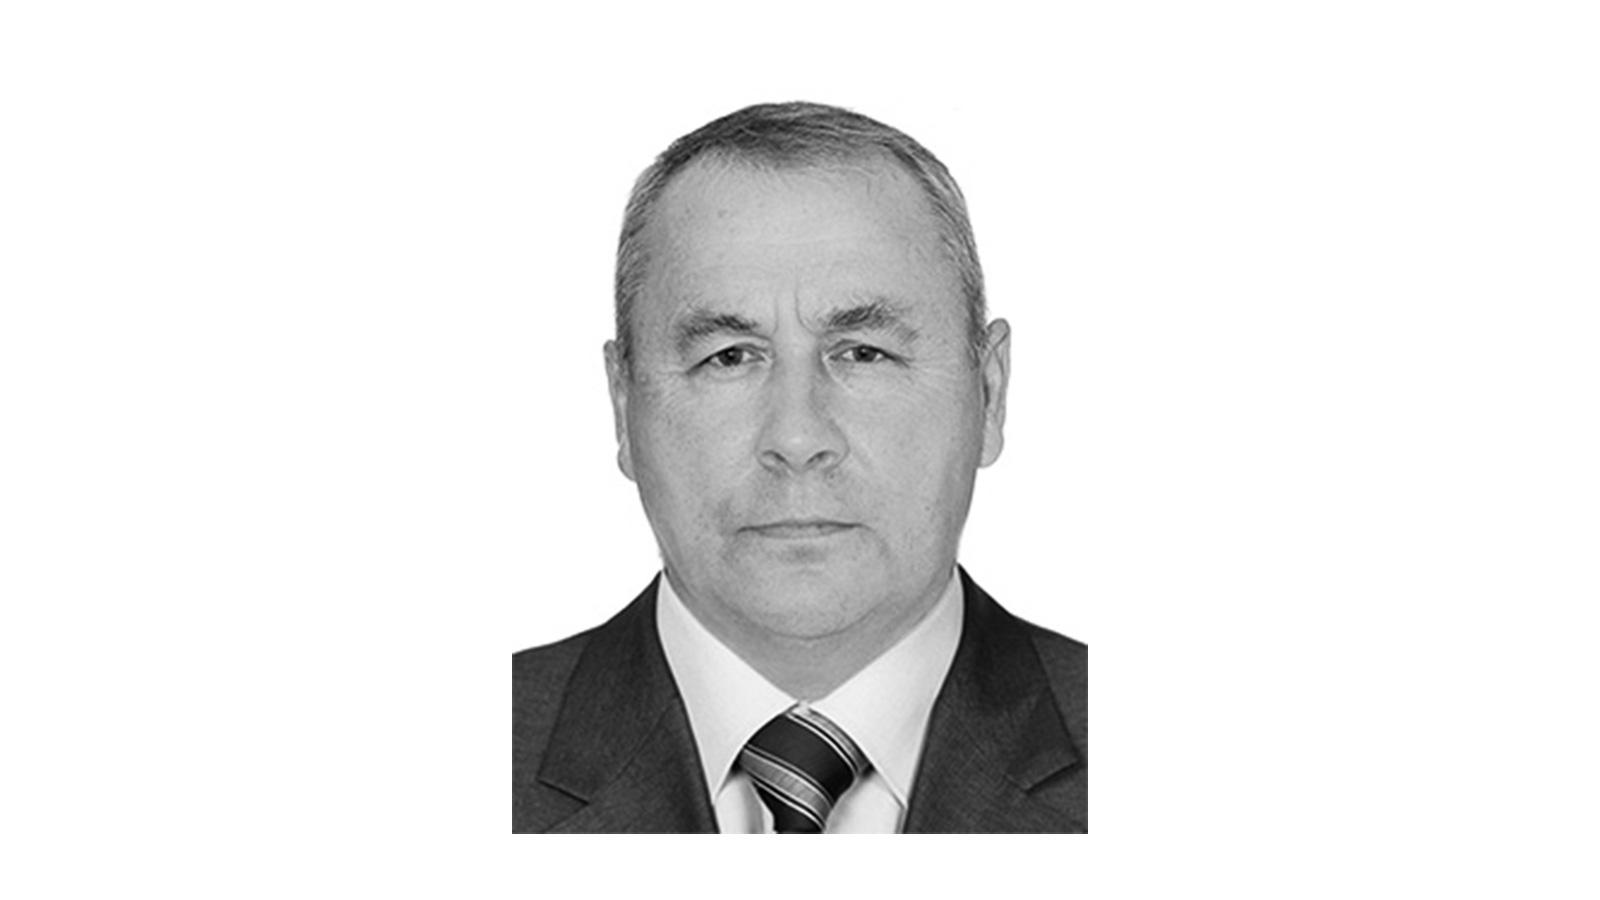 Амурская область: ушел из жизни депутат Благовещенской городской Думы от СР Юрий Козлов